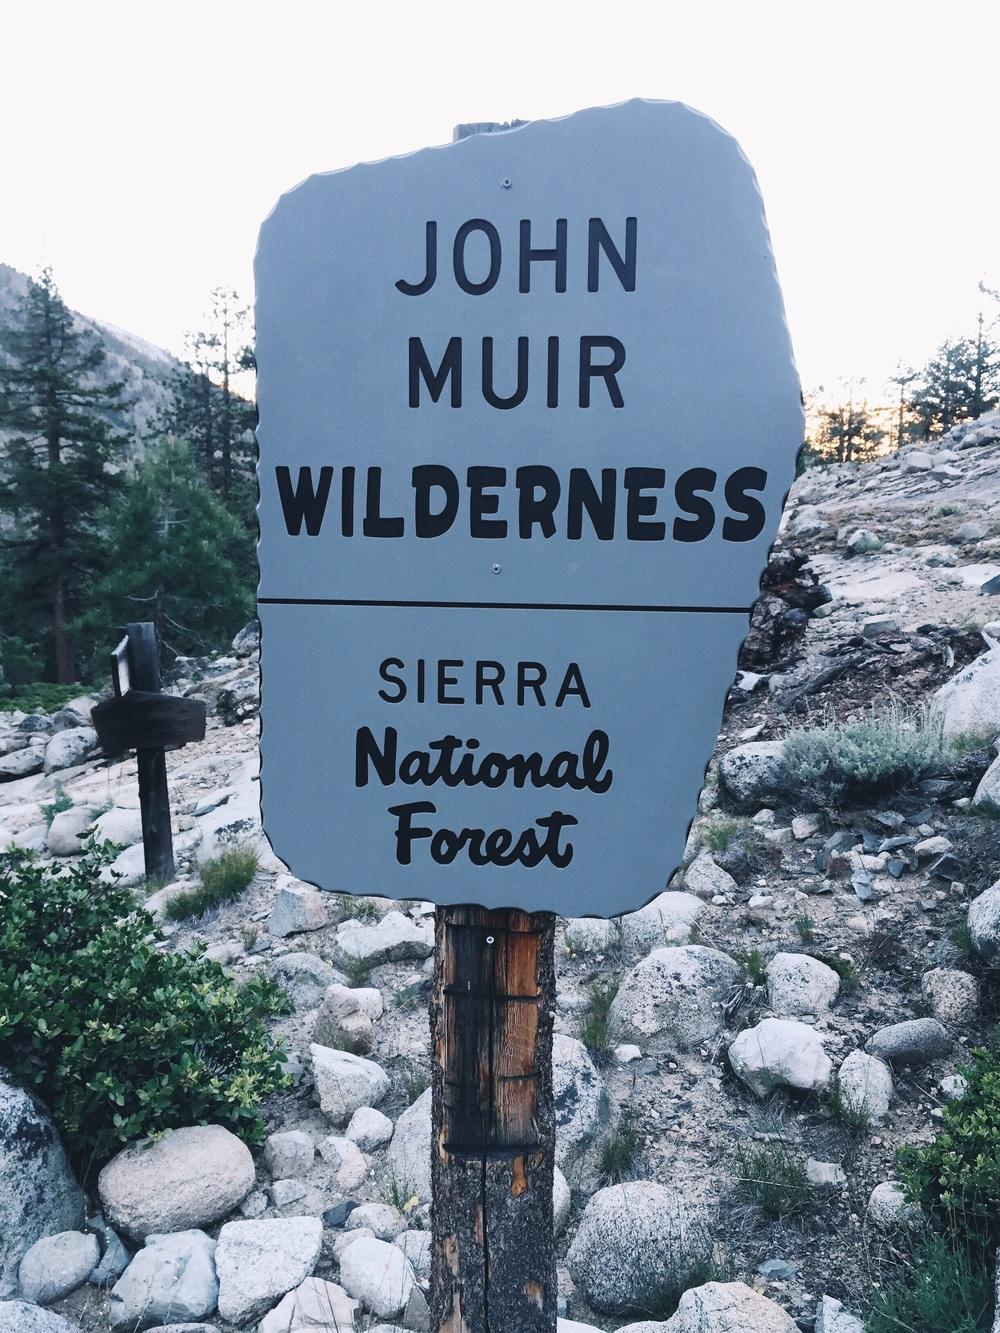 That John guy's wilderness.